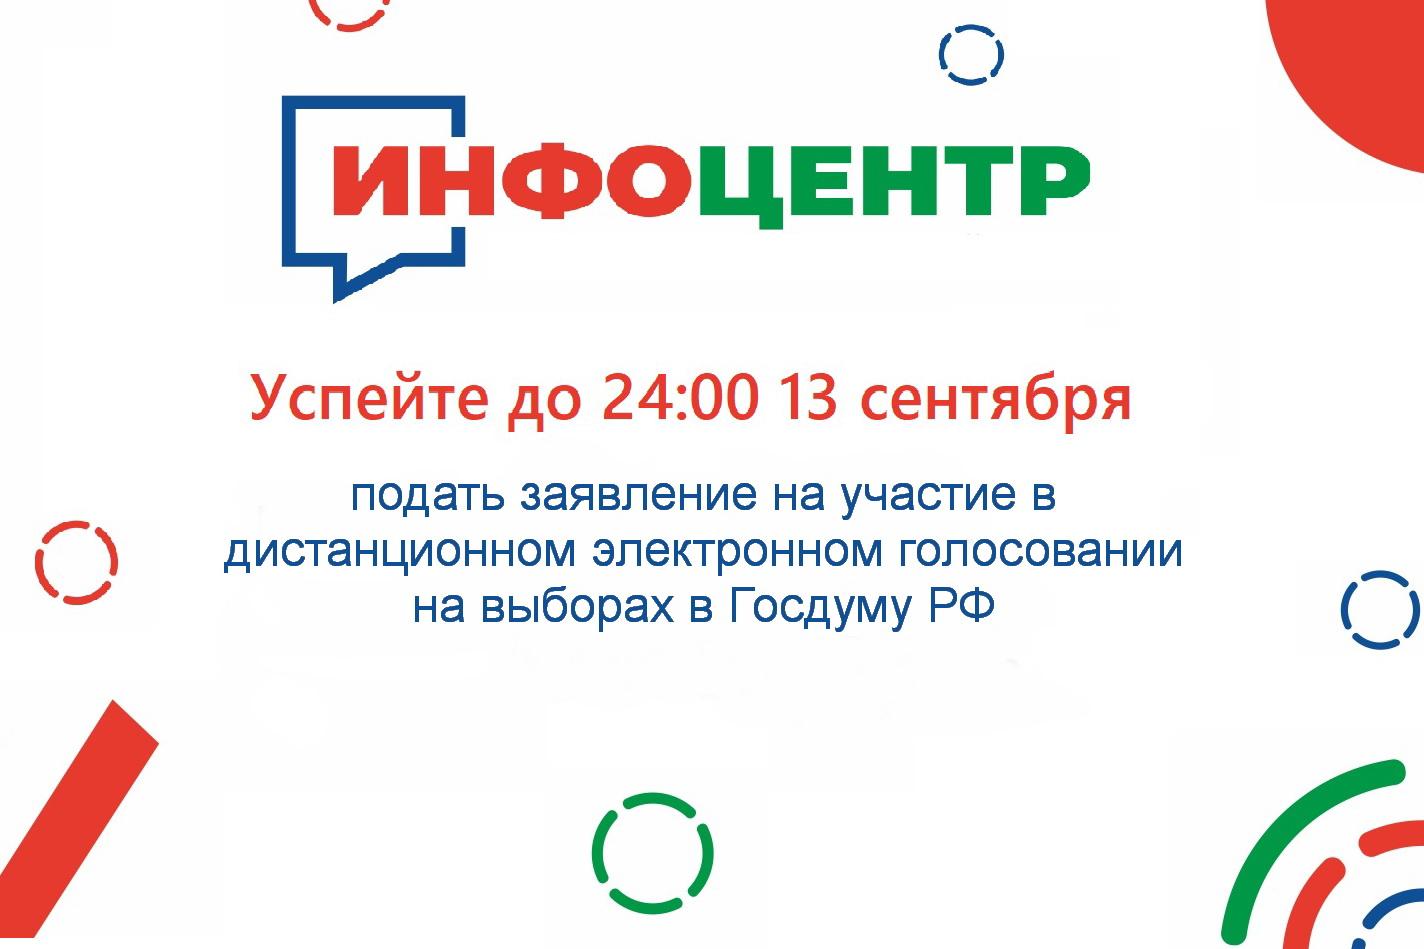 Осталось всего 3 дня на подачу заявлений на участие в онлайн-голосовании на выборах в Госдуму РФ 1